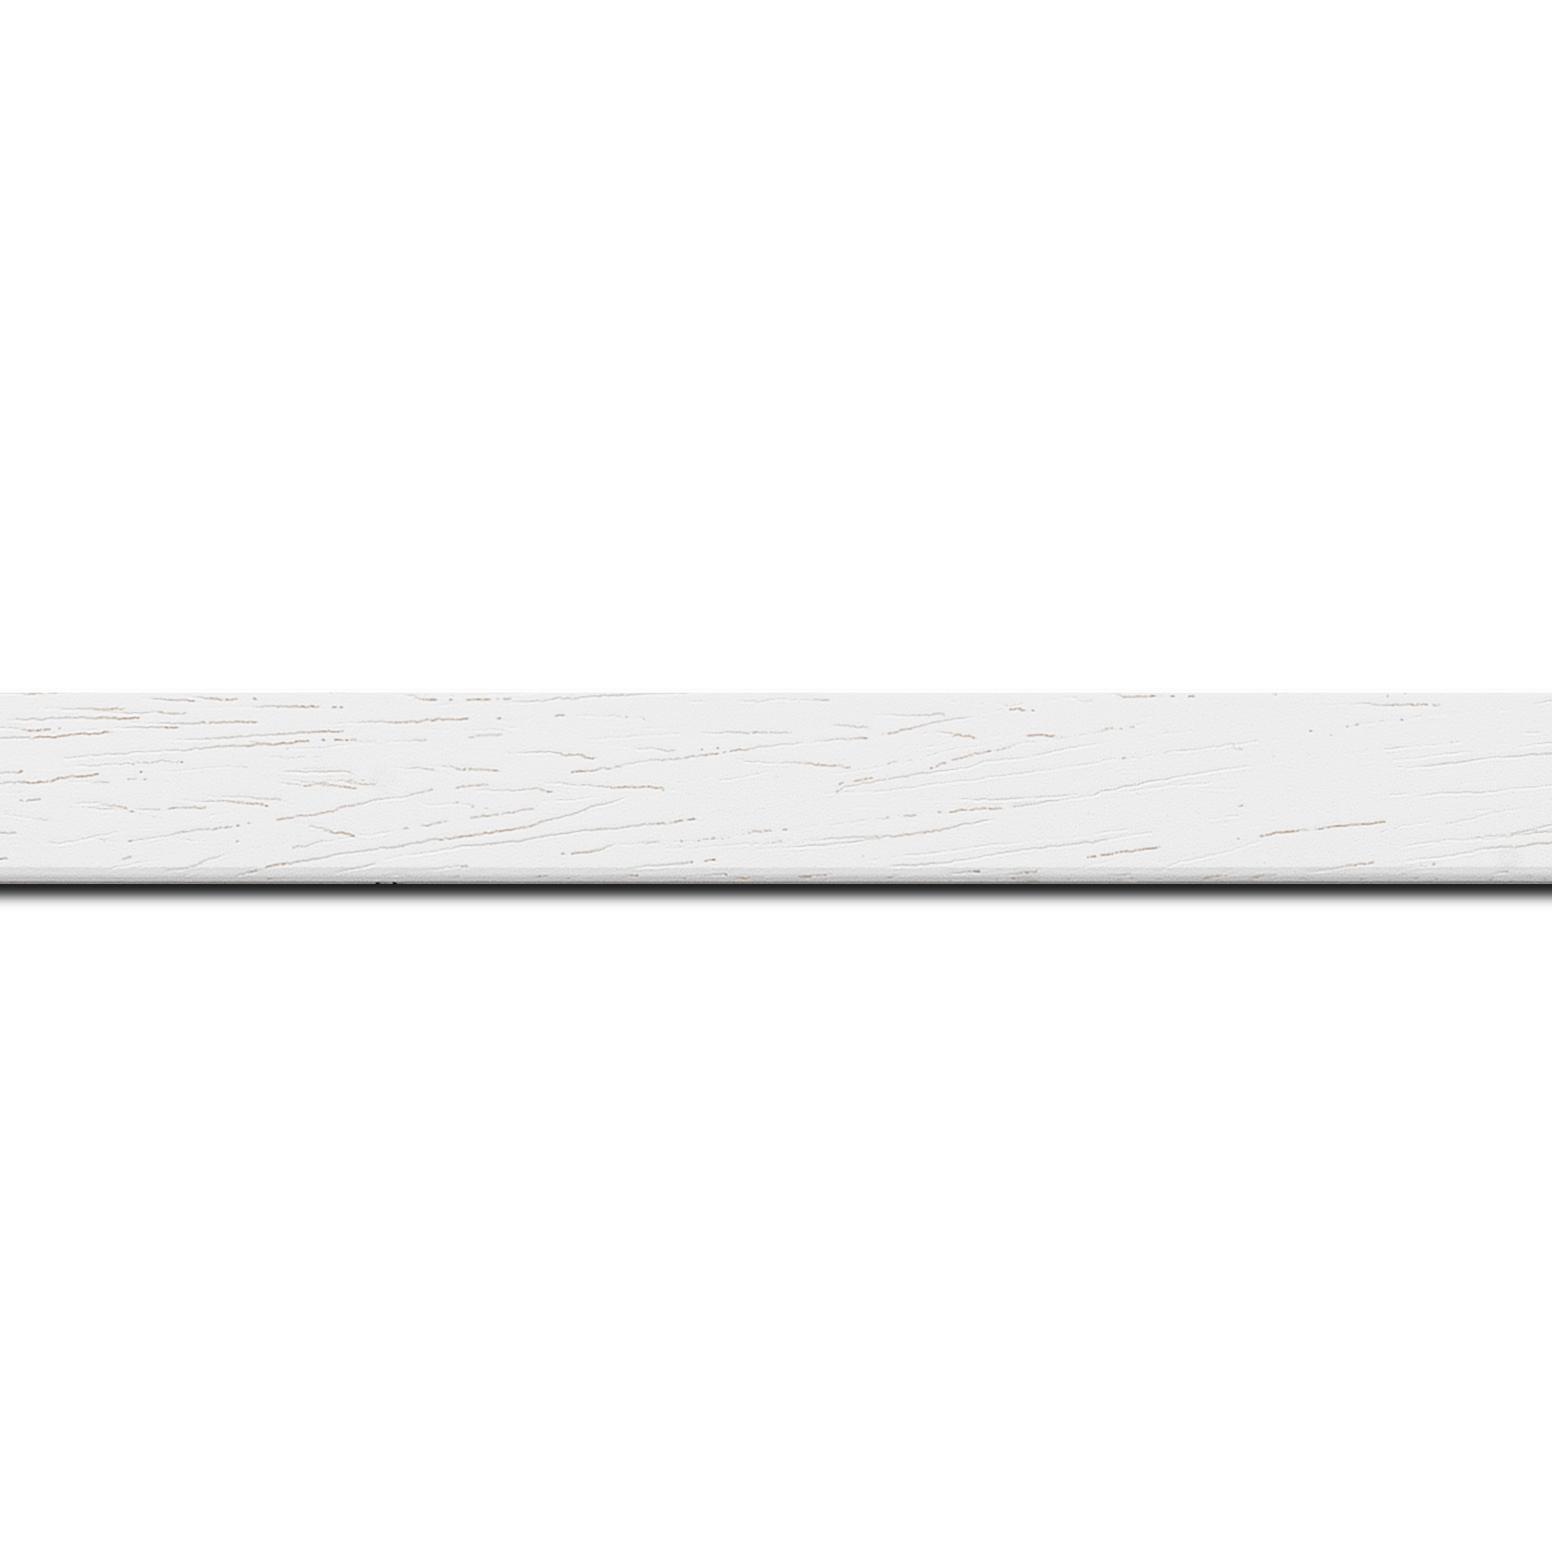 Baguette longueur 1.40m bois profil plat largeur 2cm couleur blanc satiné